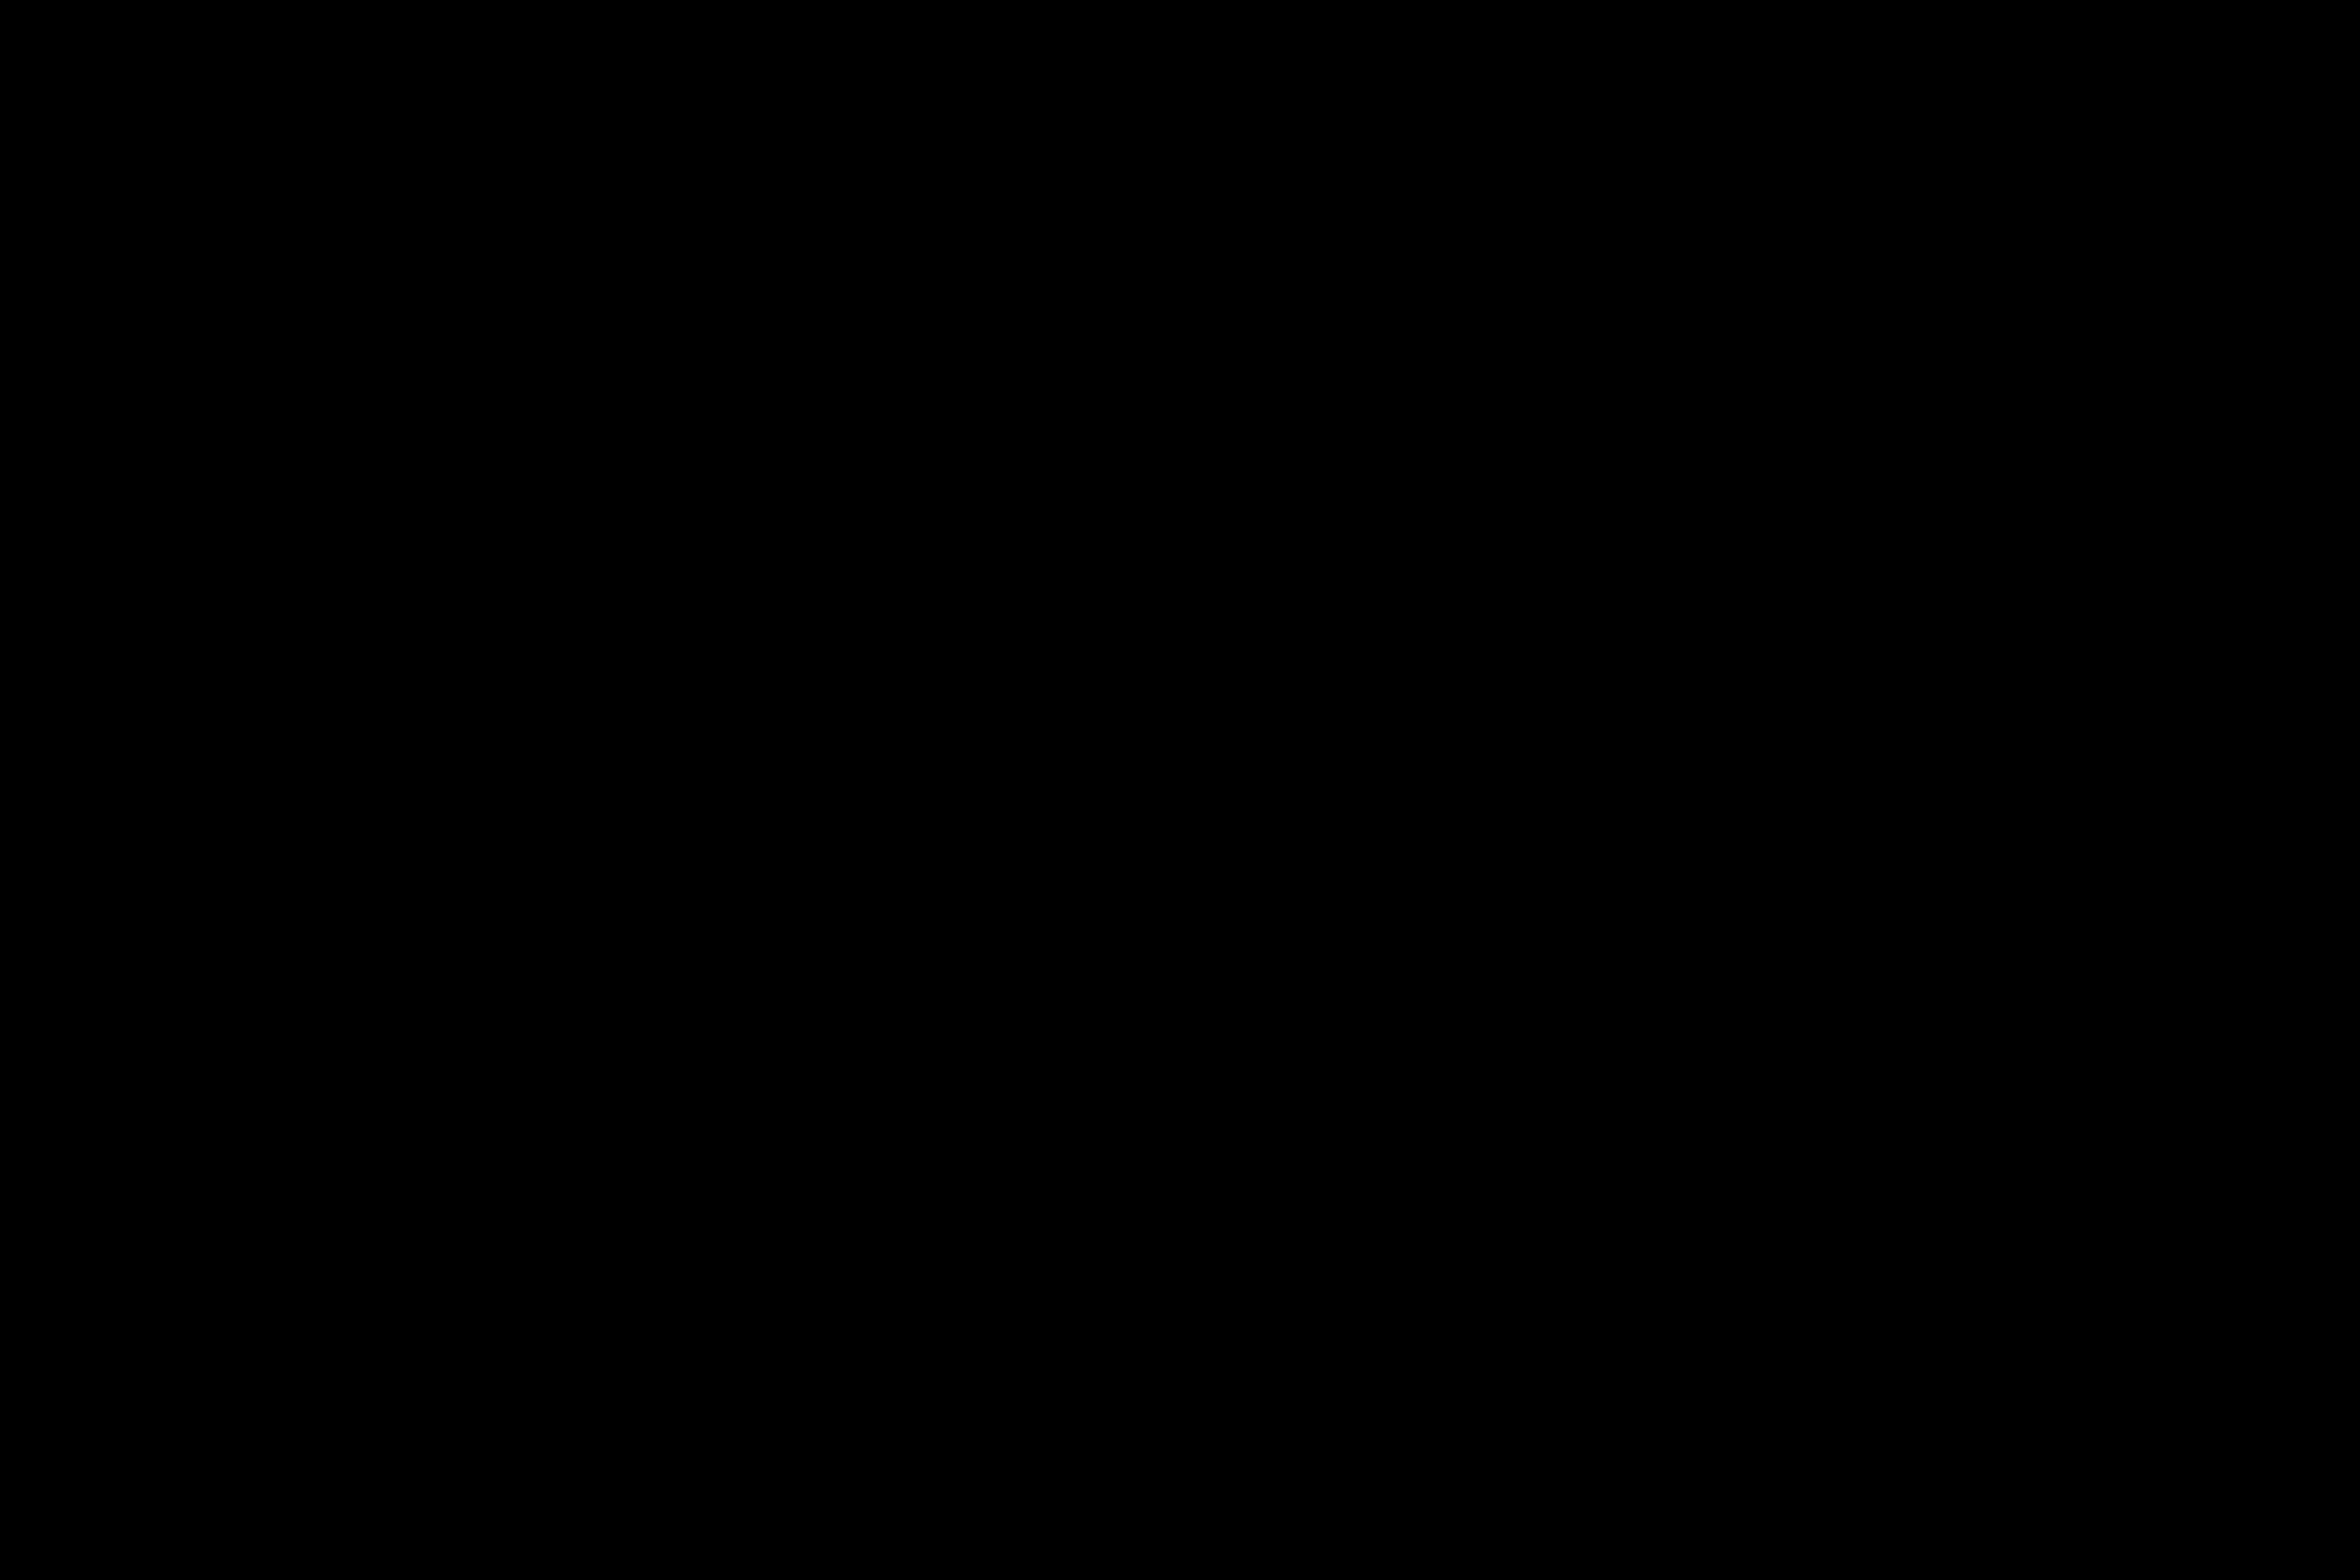 回收發泡膠經加工後可製成各式牆腳線,垃圾其實都可以是可造之材。